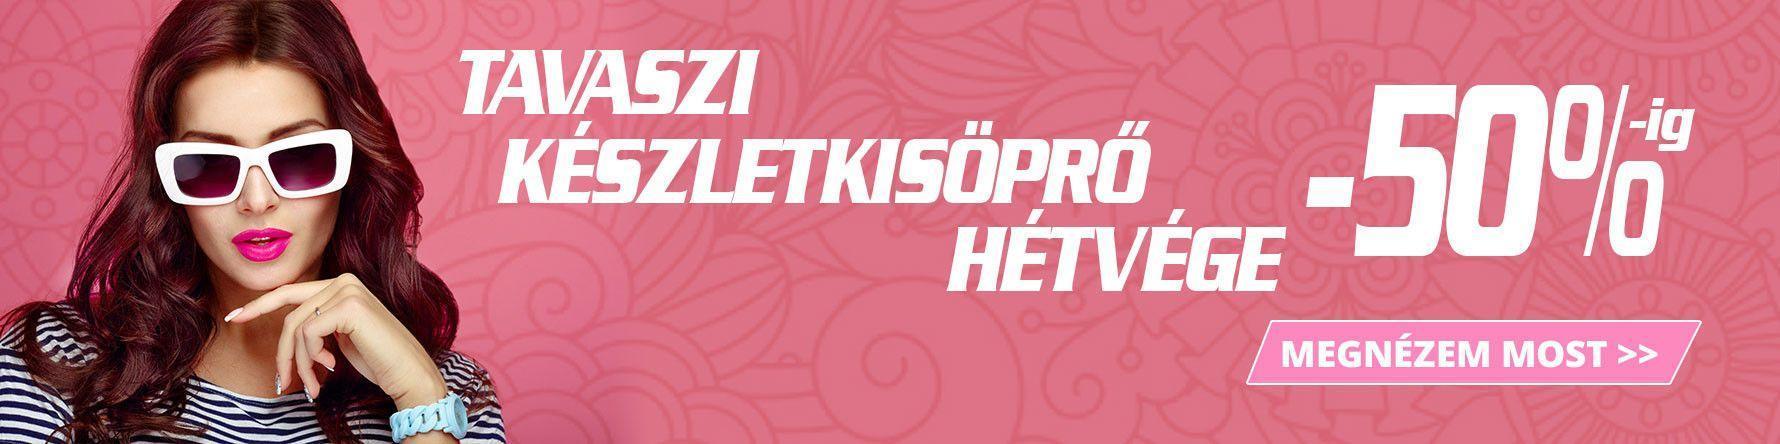 TAVASZI KÉSZLETKISÖPRŐ HÉTVÉGE!